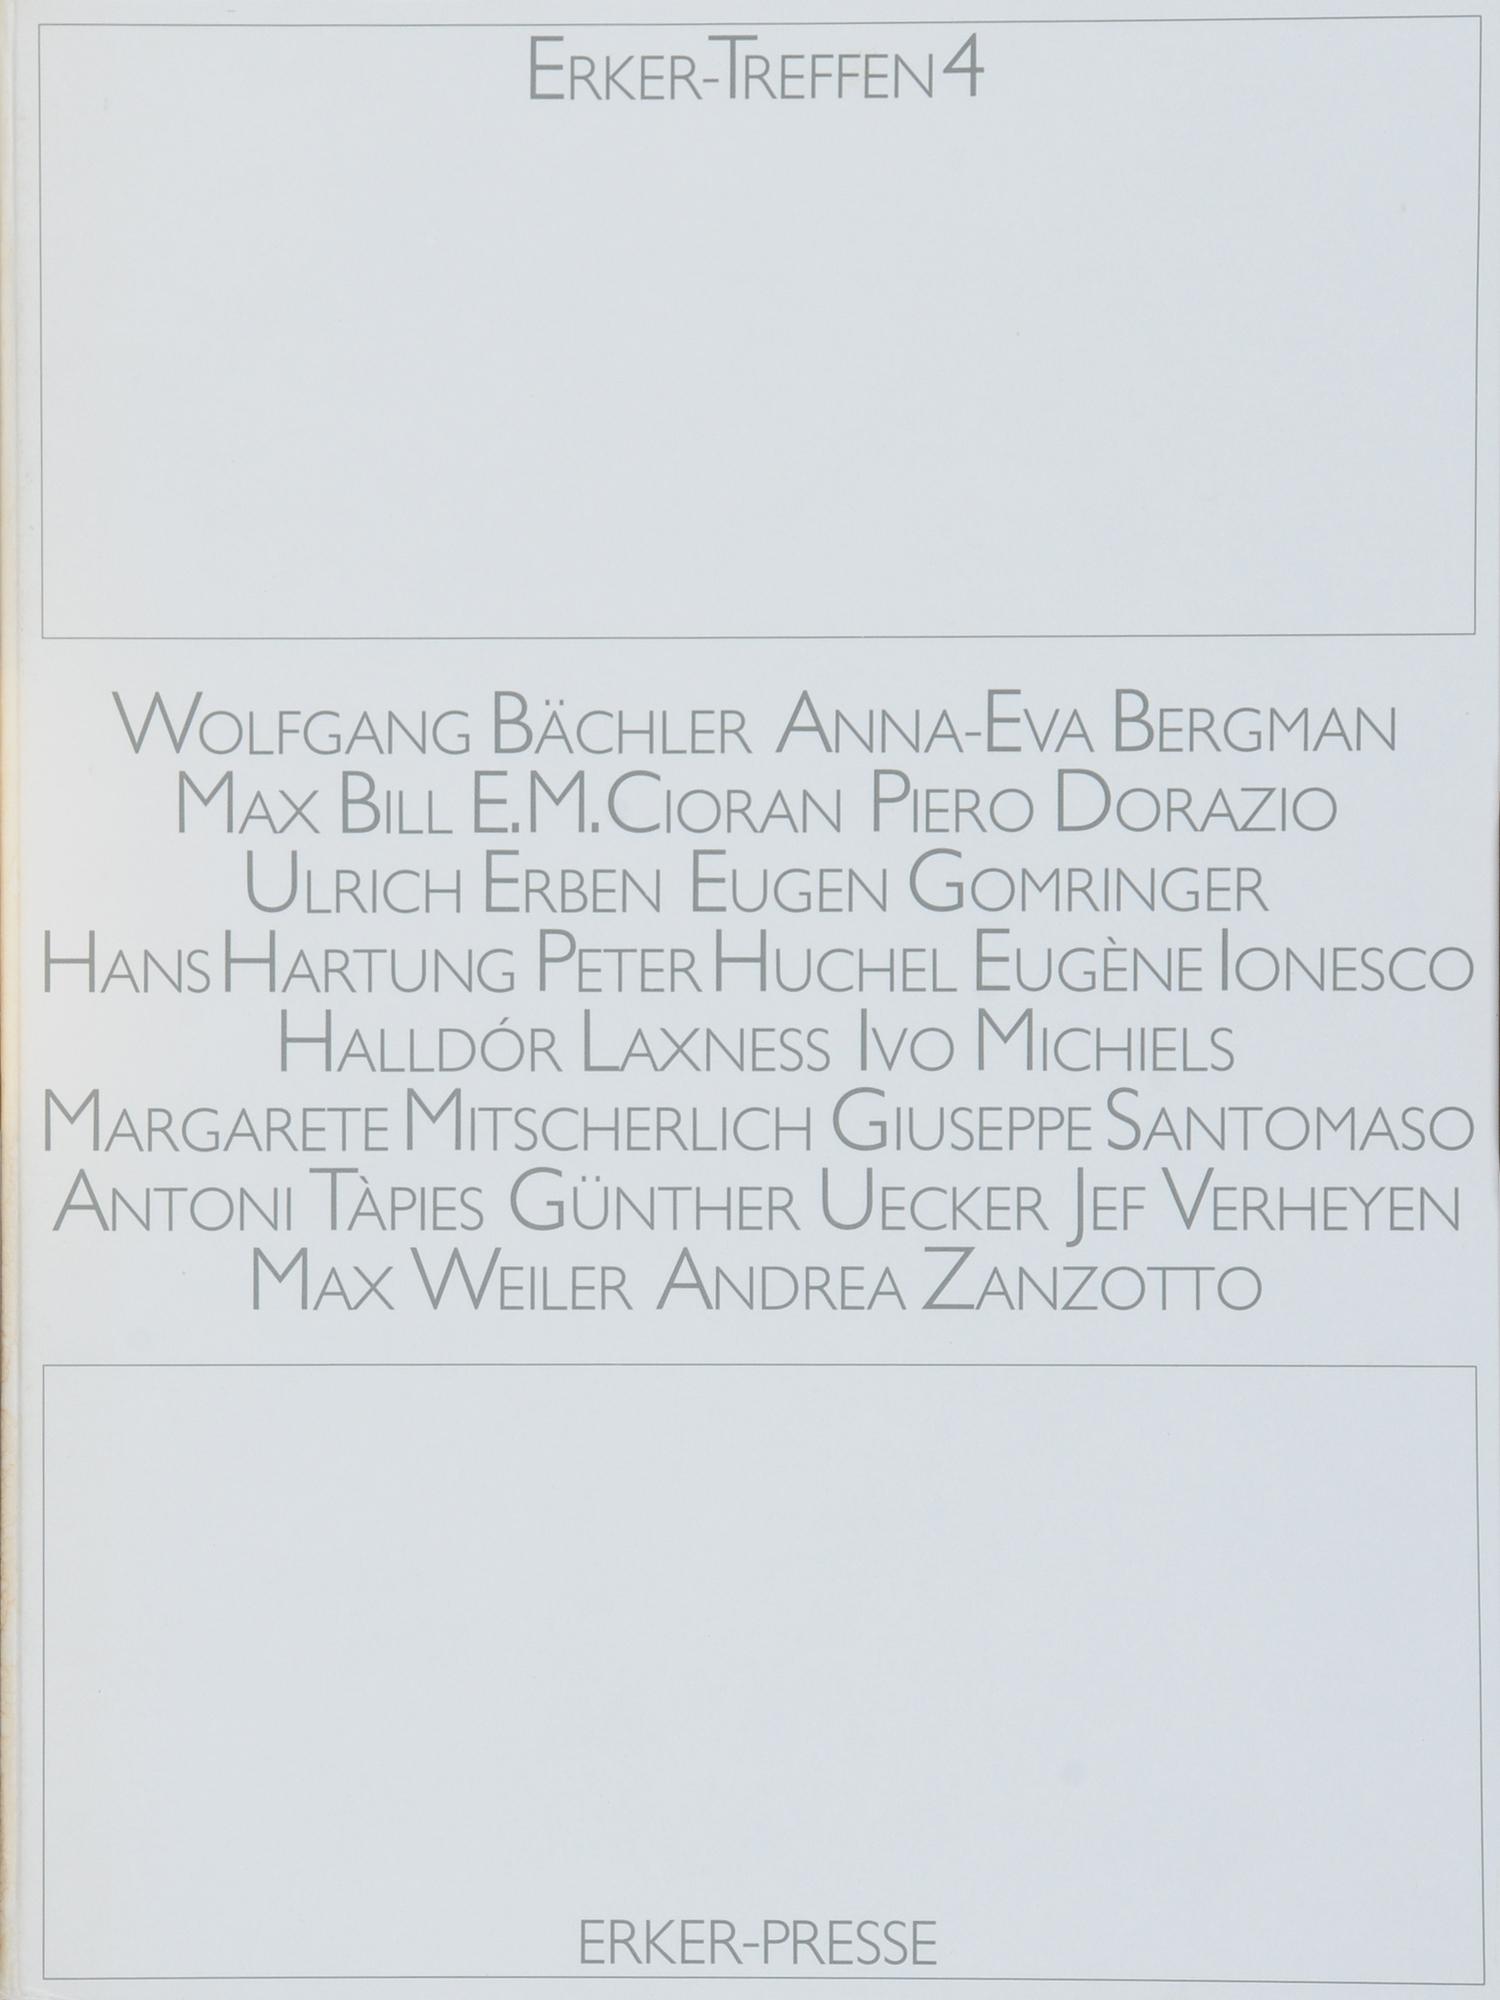 Portfolio, Erker-Treffen 4